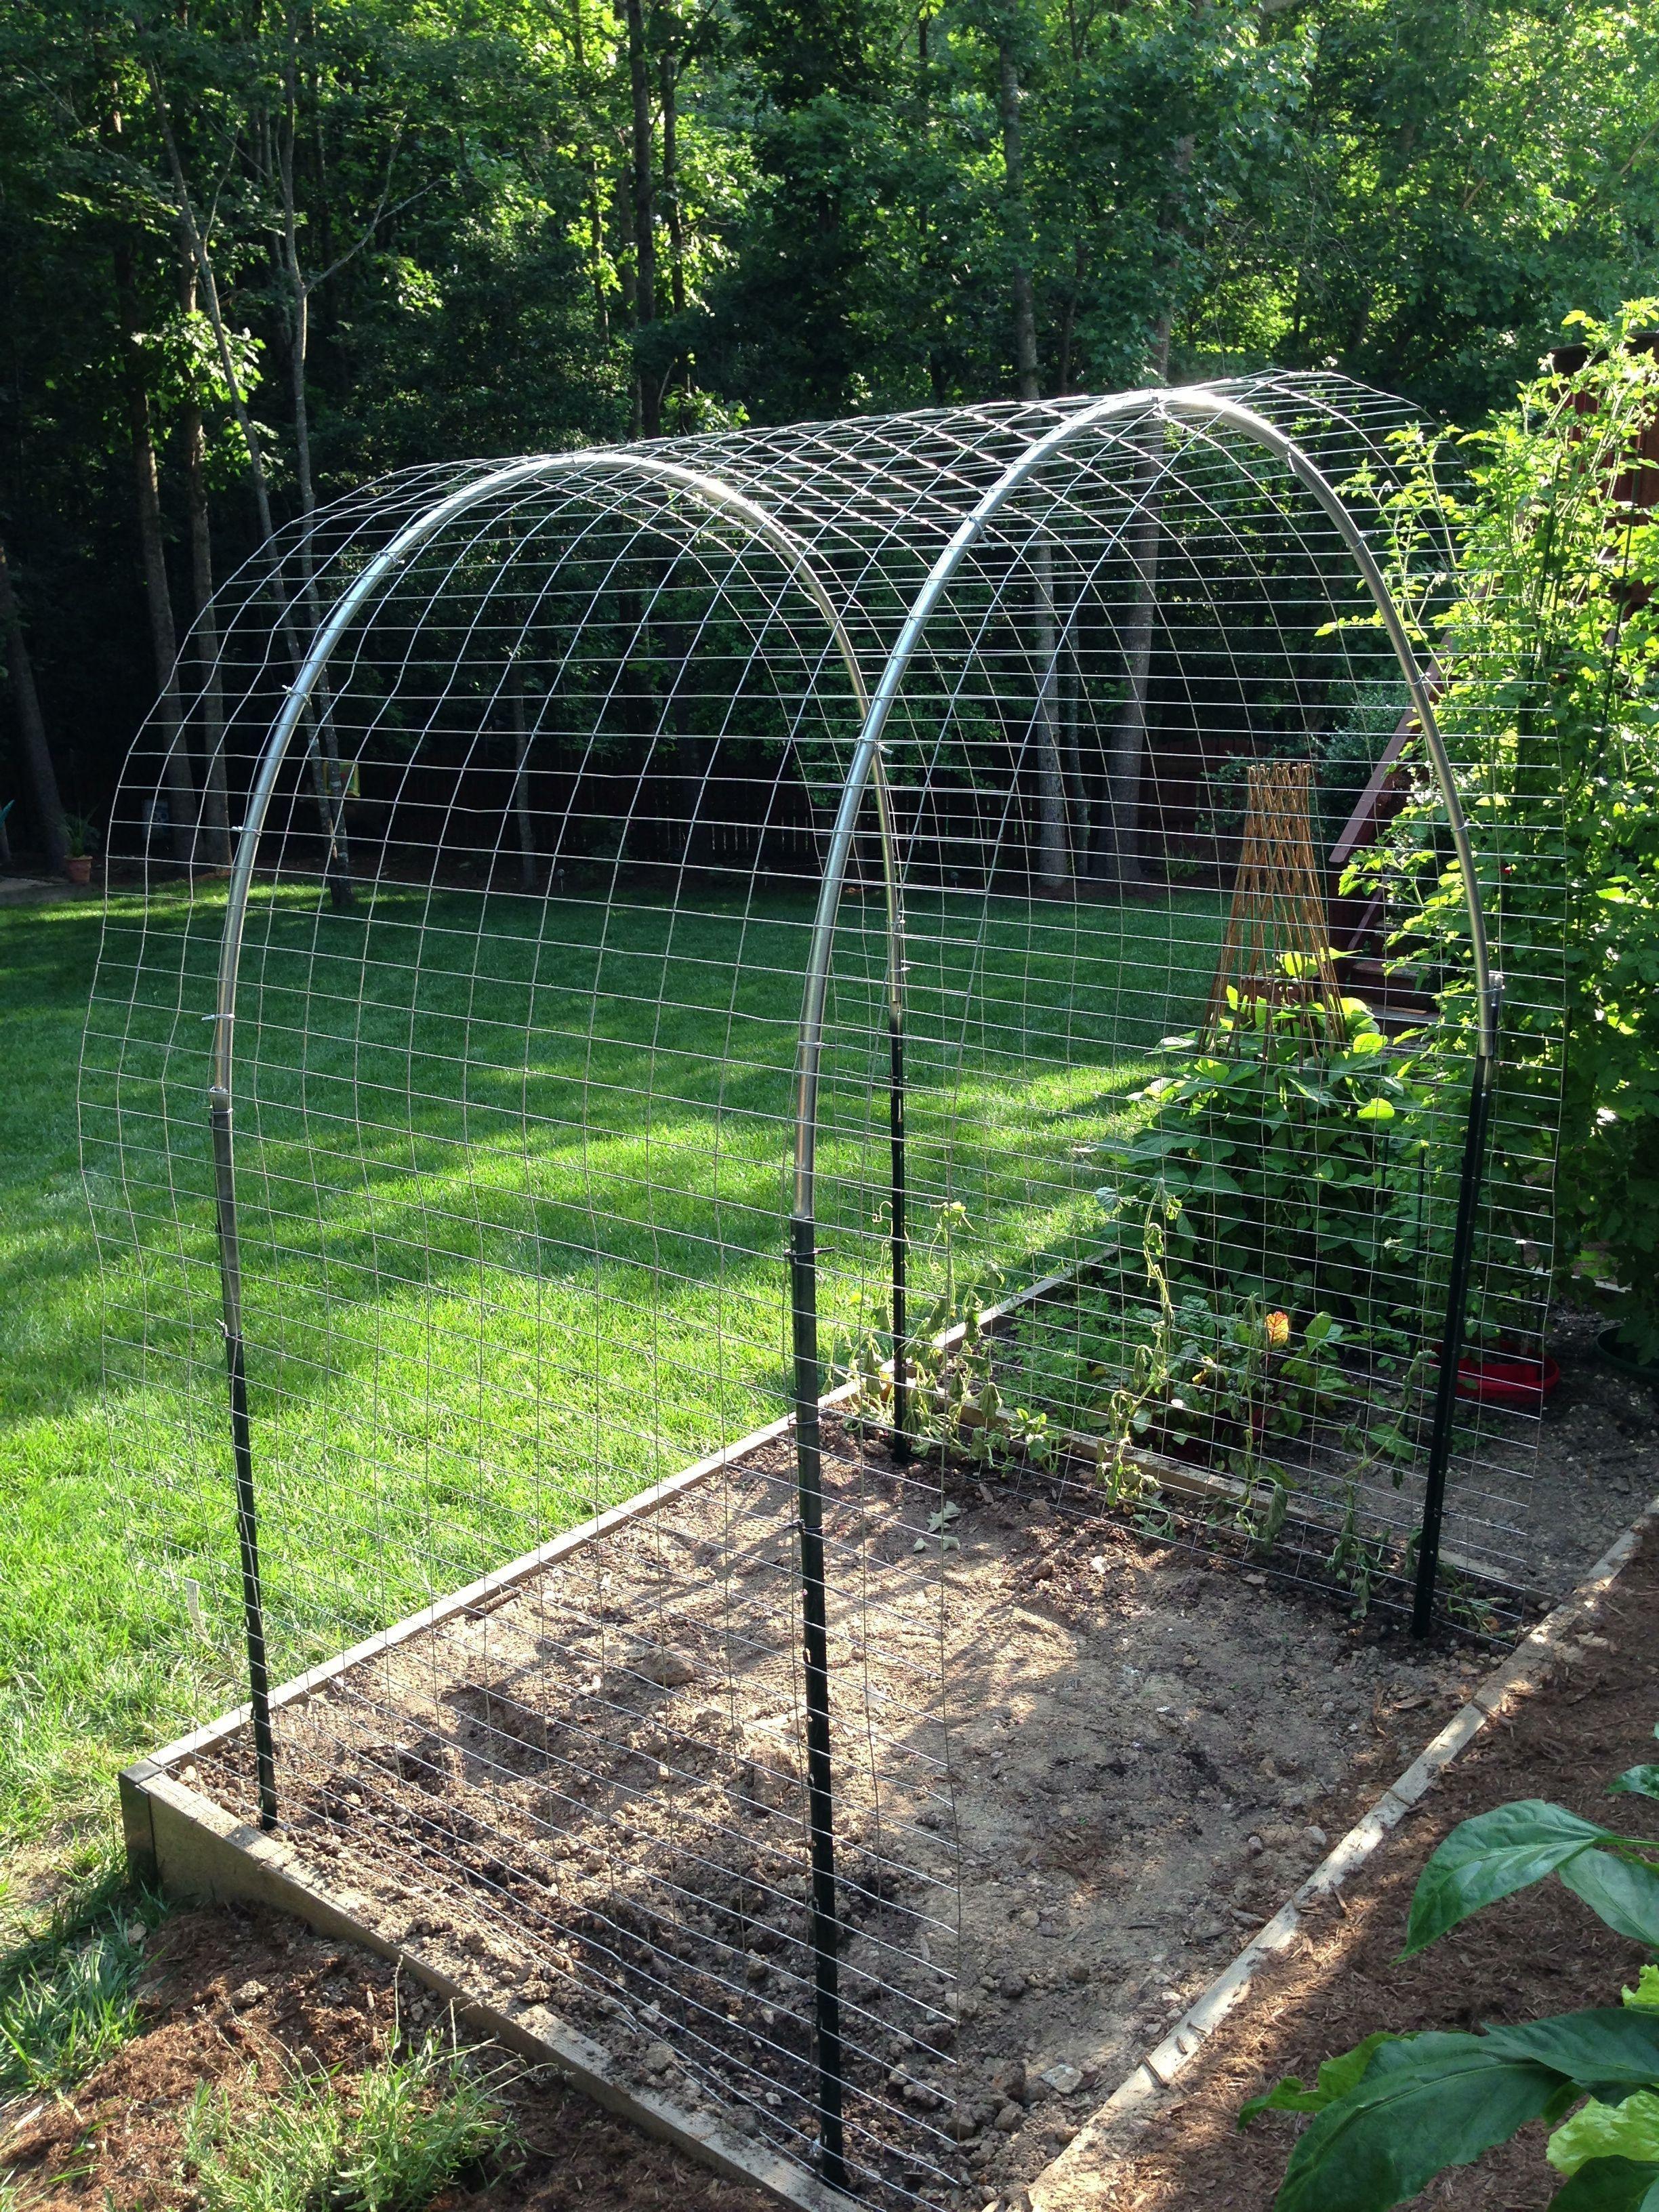 Best Easy Low Budget Diy Squash Arch Ideas For Garden 7 Vegetable Garden Design Garden Arches Arch Trellis